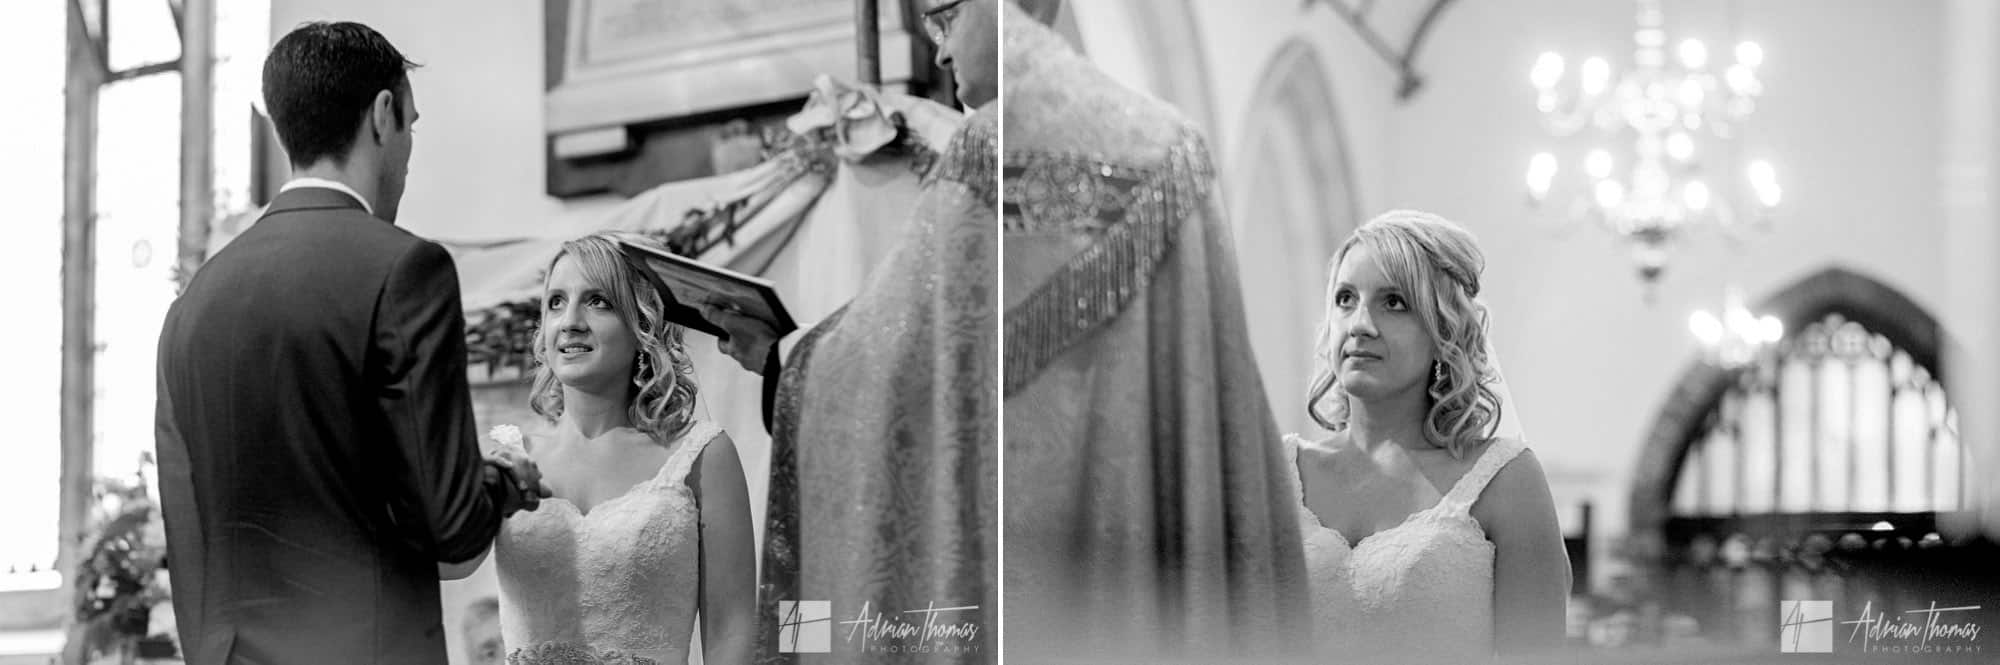 Exchange of rings during wedding.